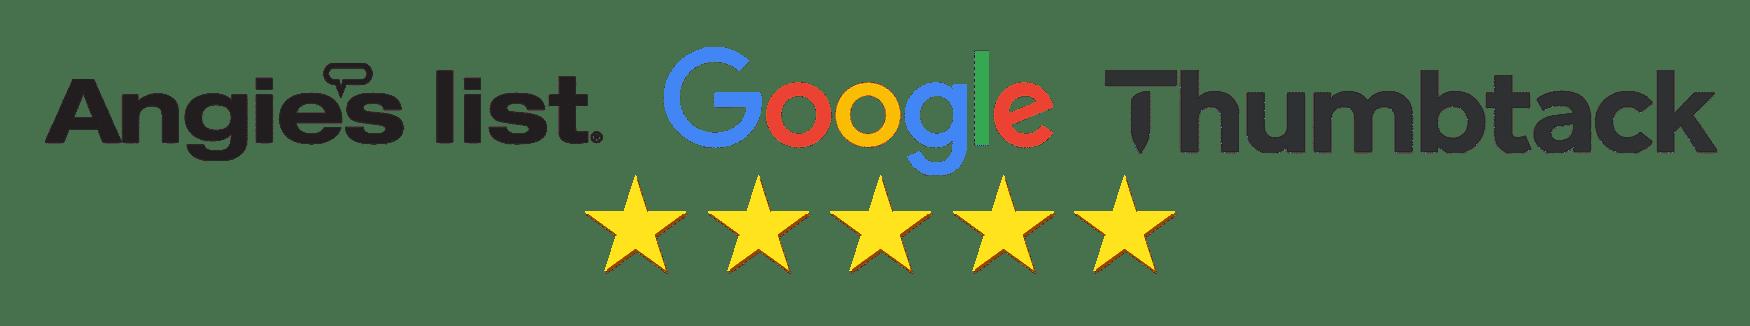 Angie's List, Google, Thumbtack 5 stars